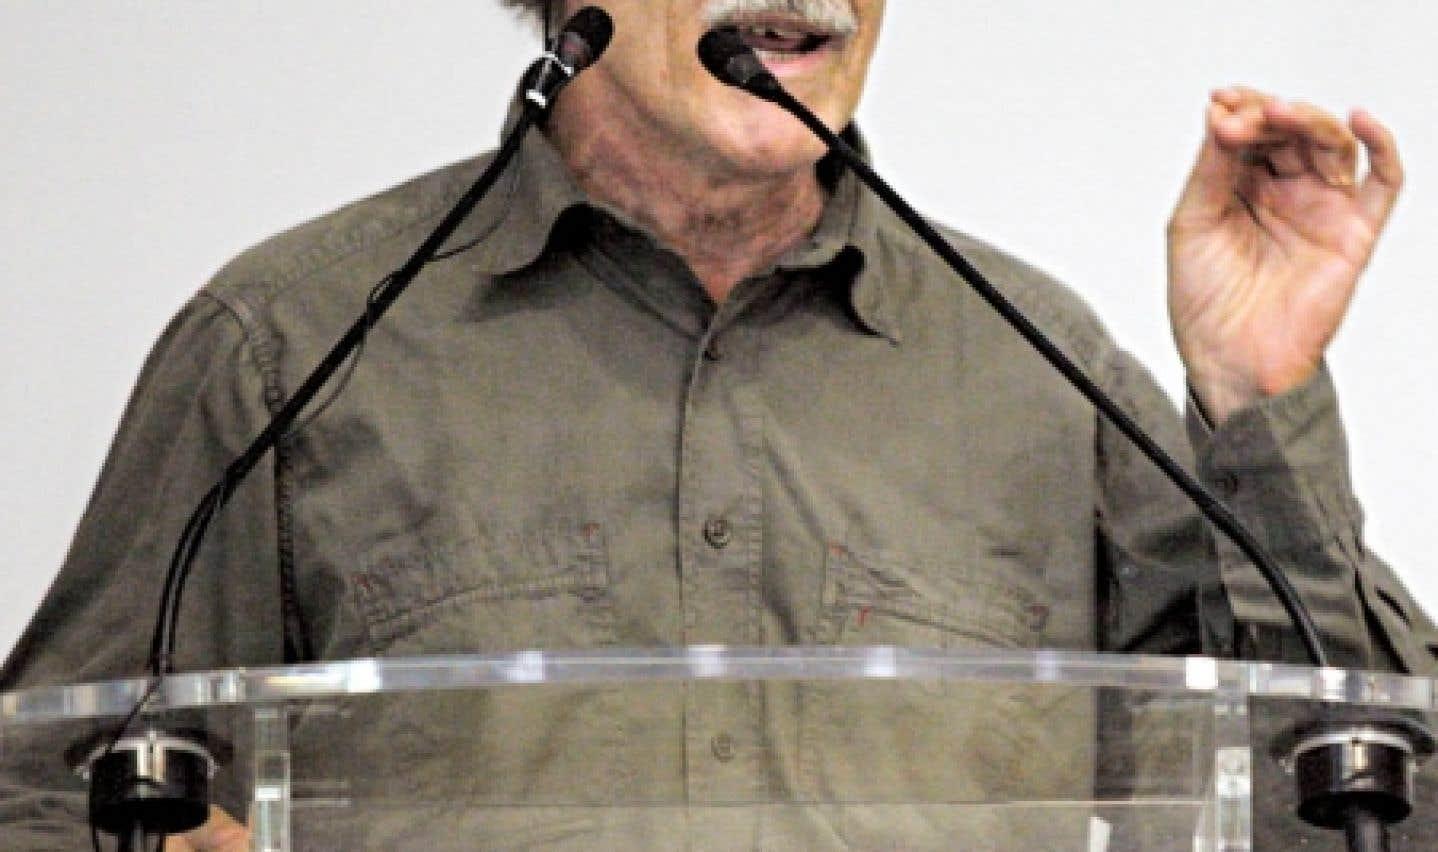 Alain Lipietz, coordonnateur d'une étude de l'Unesco sur la Conférence de Rio